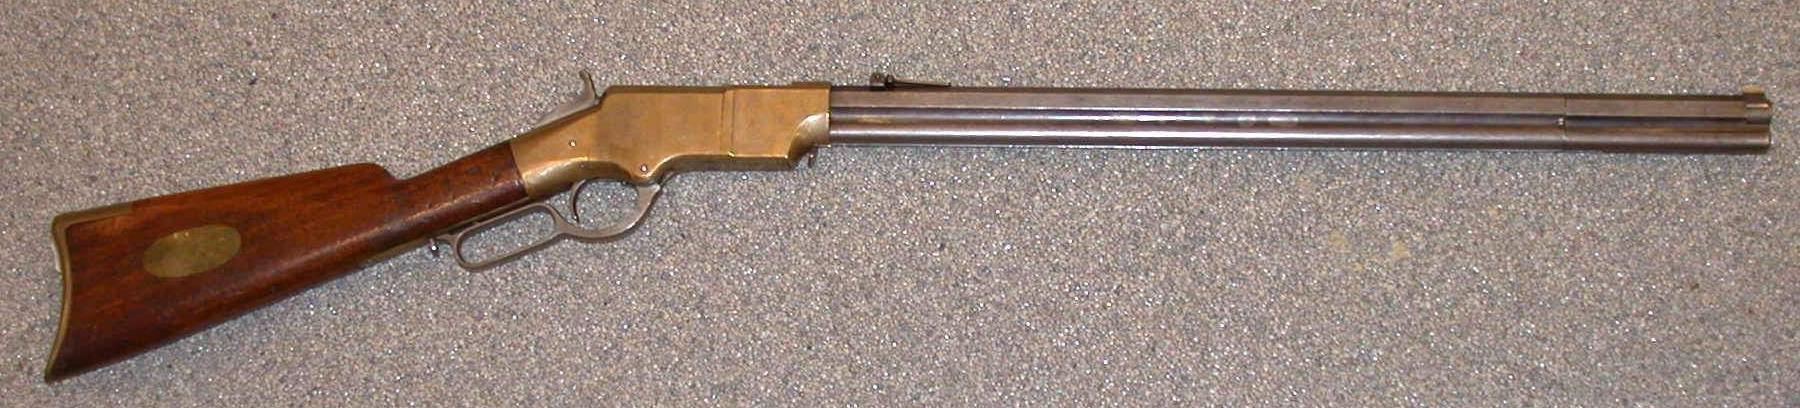 Henry rifle - Wikipedia